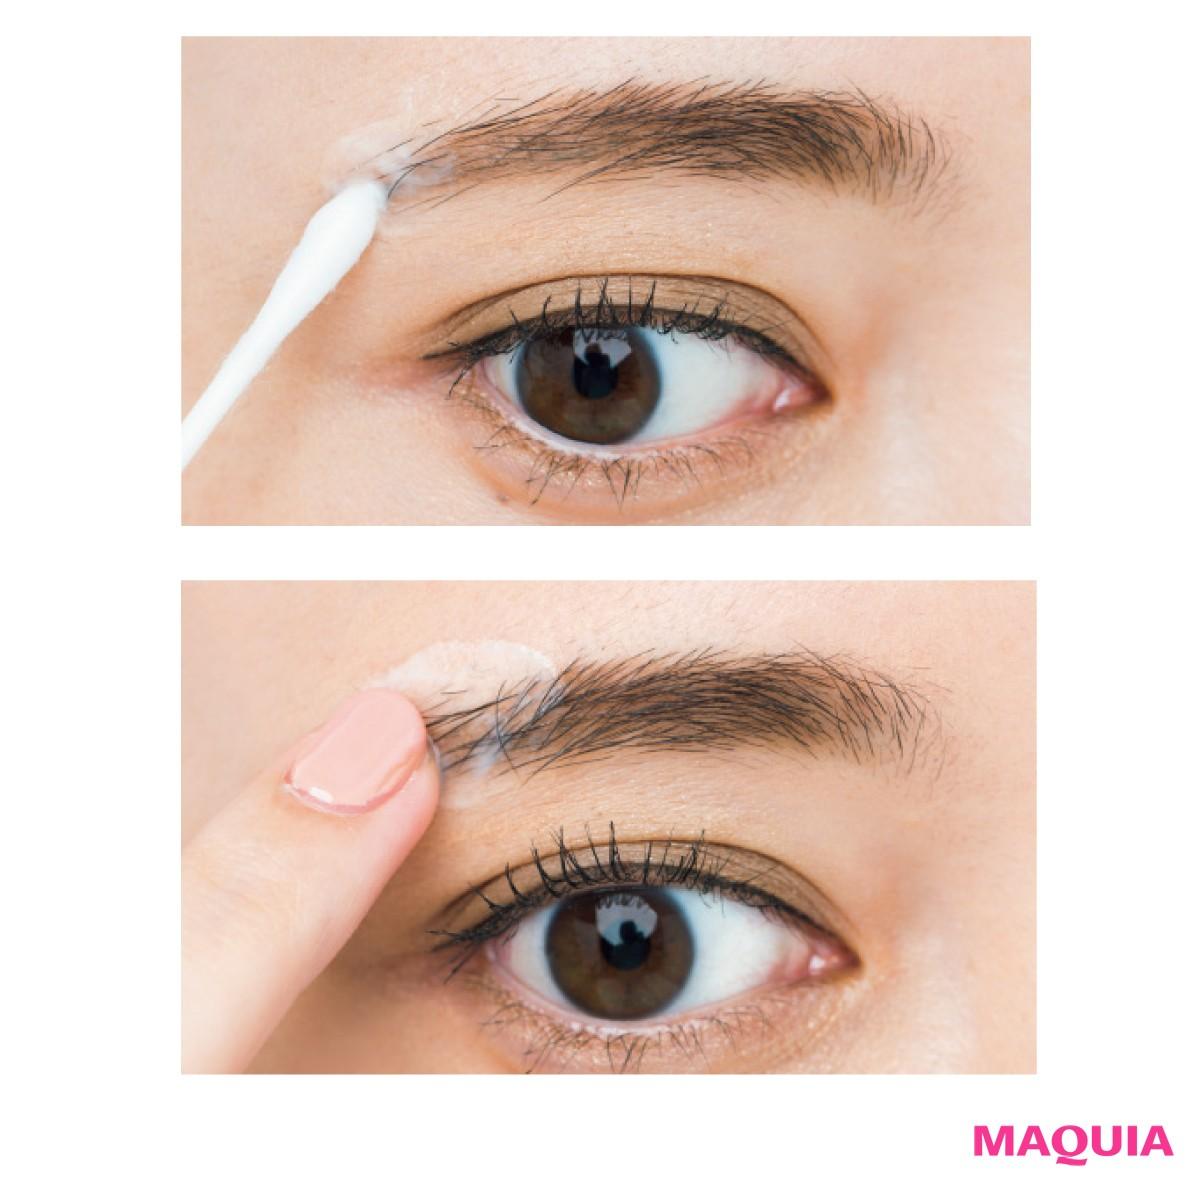 眉色は何に合わせる?眉のスキンケア法は?知っていると役に立つ眉ネタ10選!